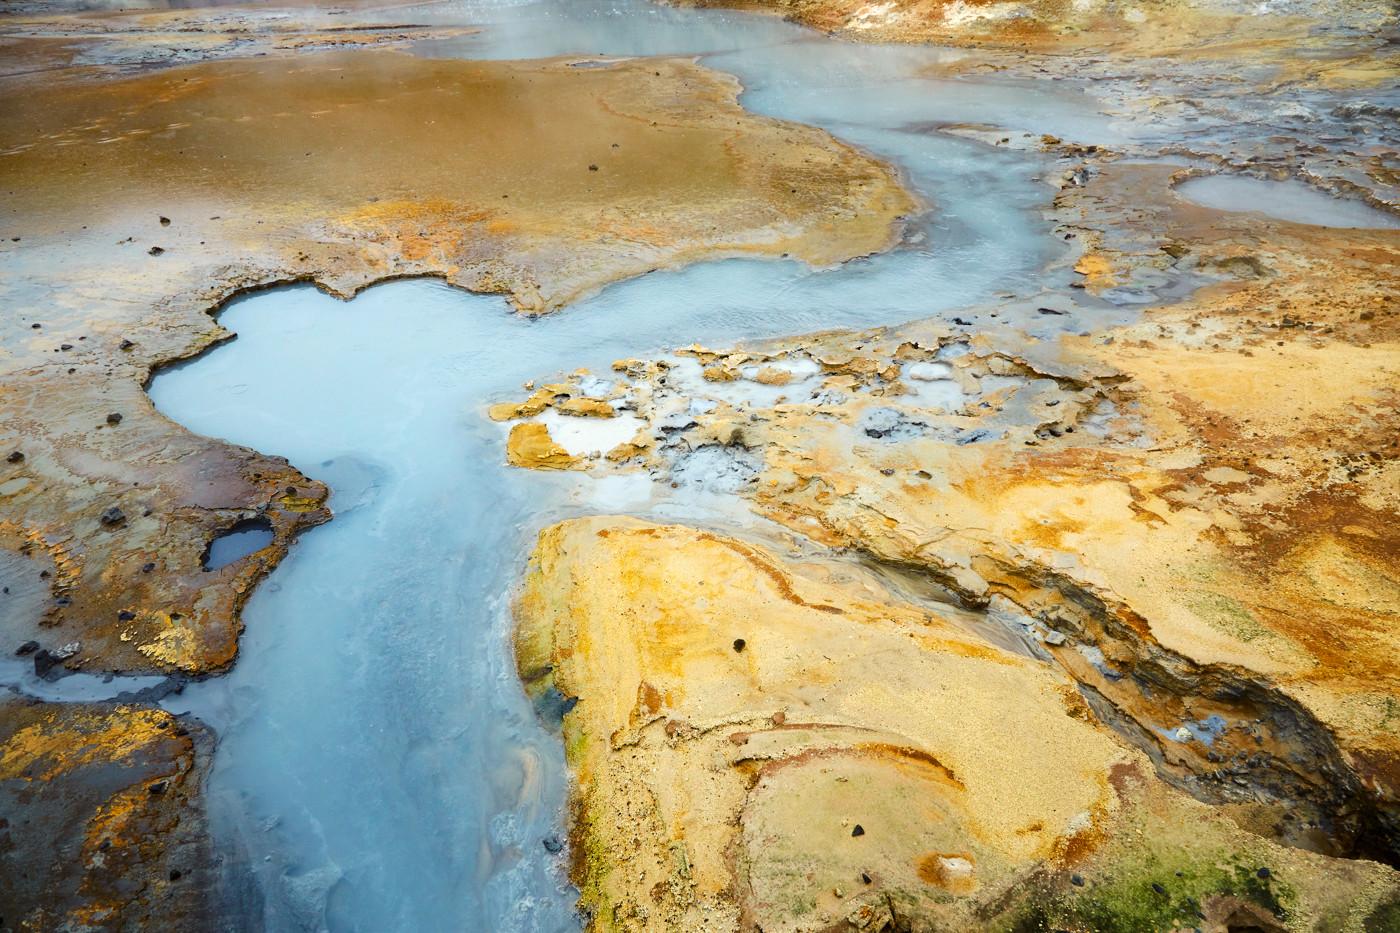 Krysuvik, Geothermalgebiet, geothermal area, Island, Iceland, buntes Gestein, Schwefelgestein, Roadtrip, Rundreise, Reiseblogger, Travelblogger, Miles and Shores, vulkanisch, blau, dampfend, heiss